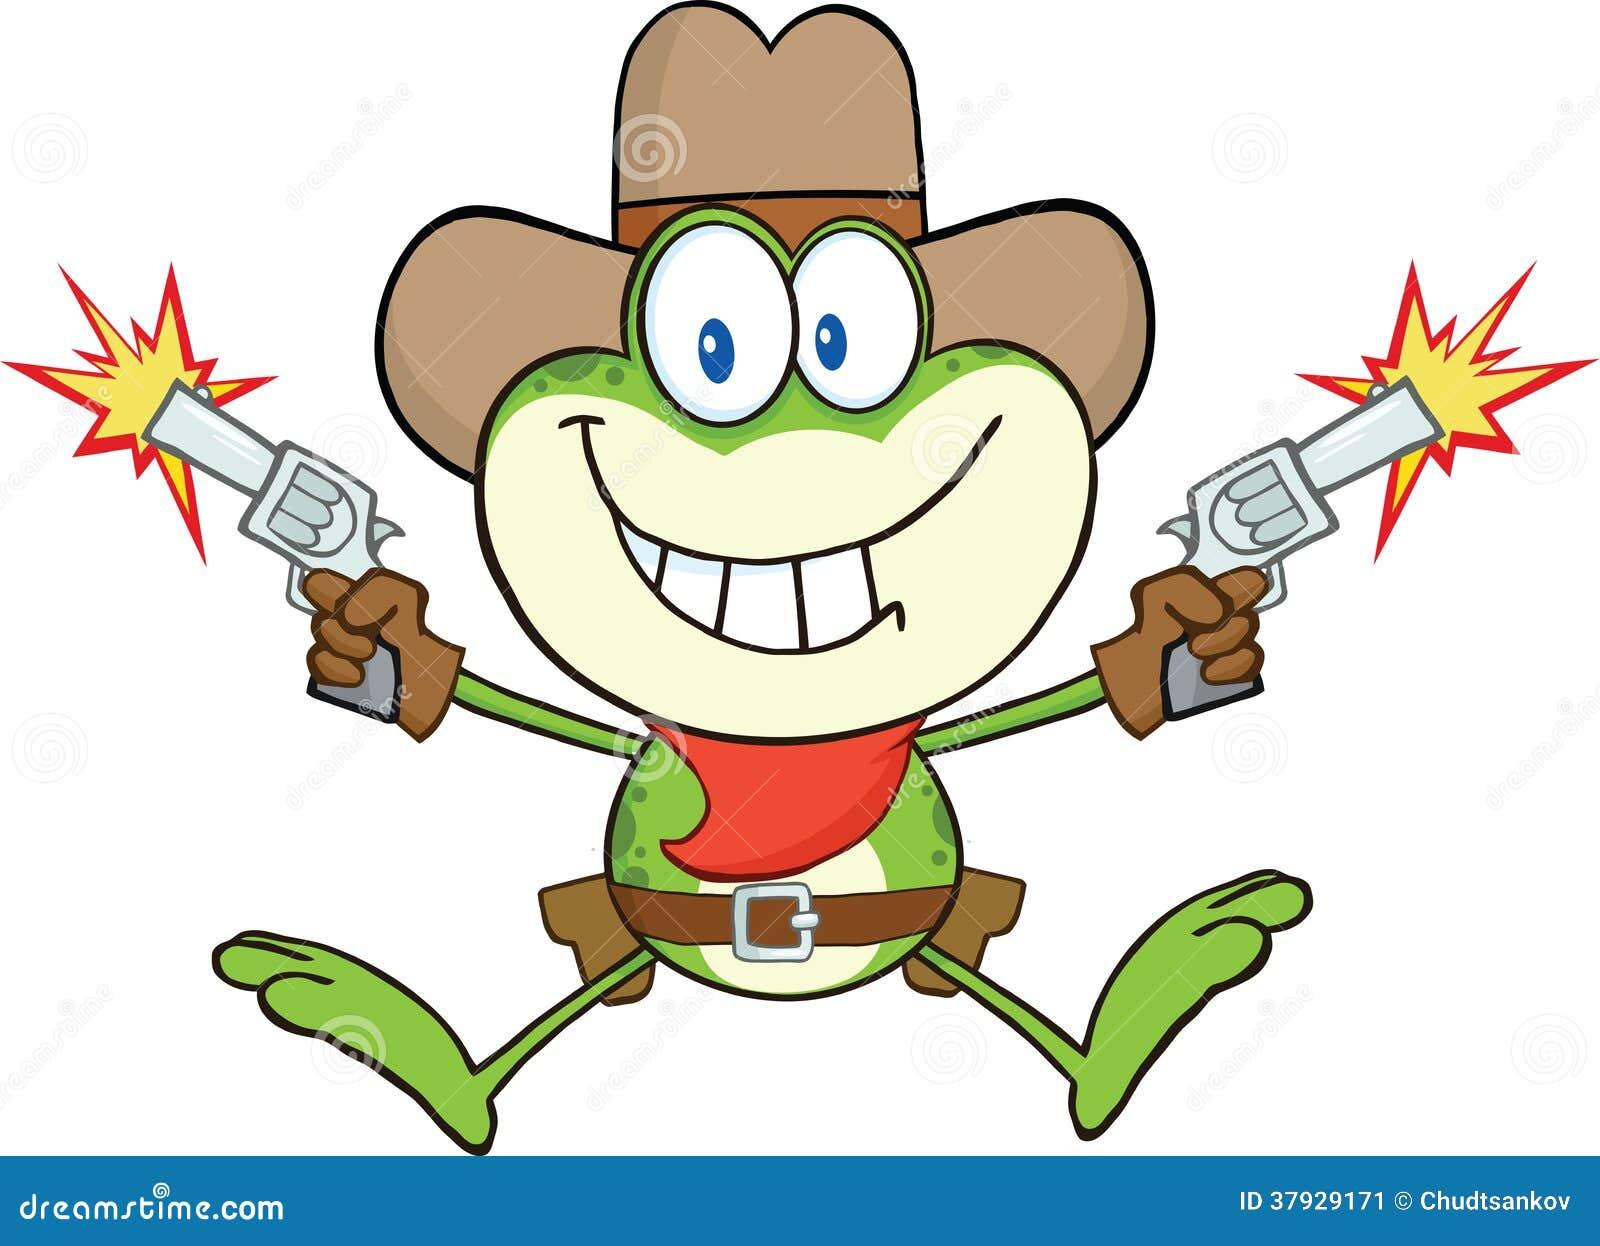 Стрельба персонажа из мультфильма лягушки ковбоя с 2 оружи